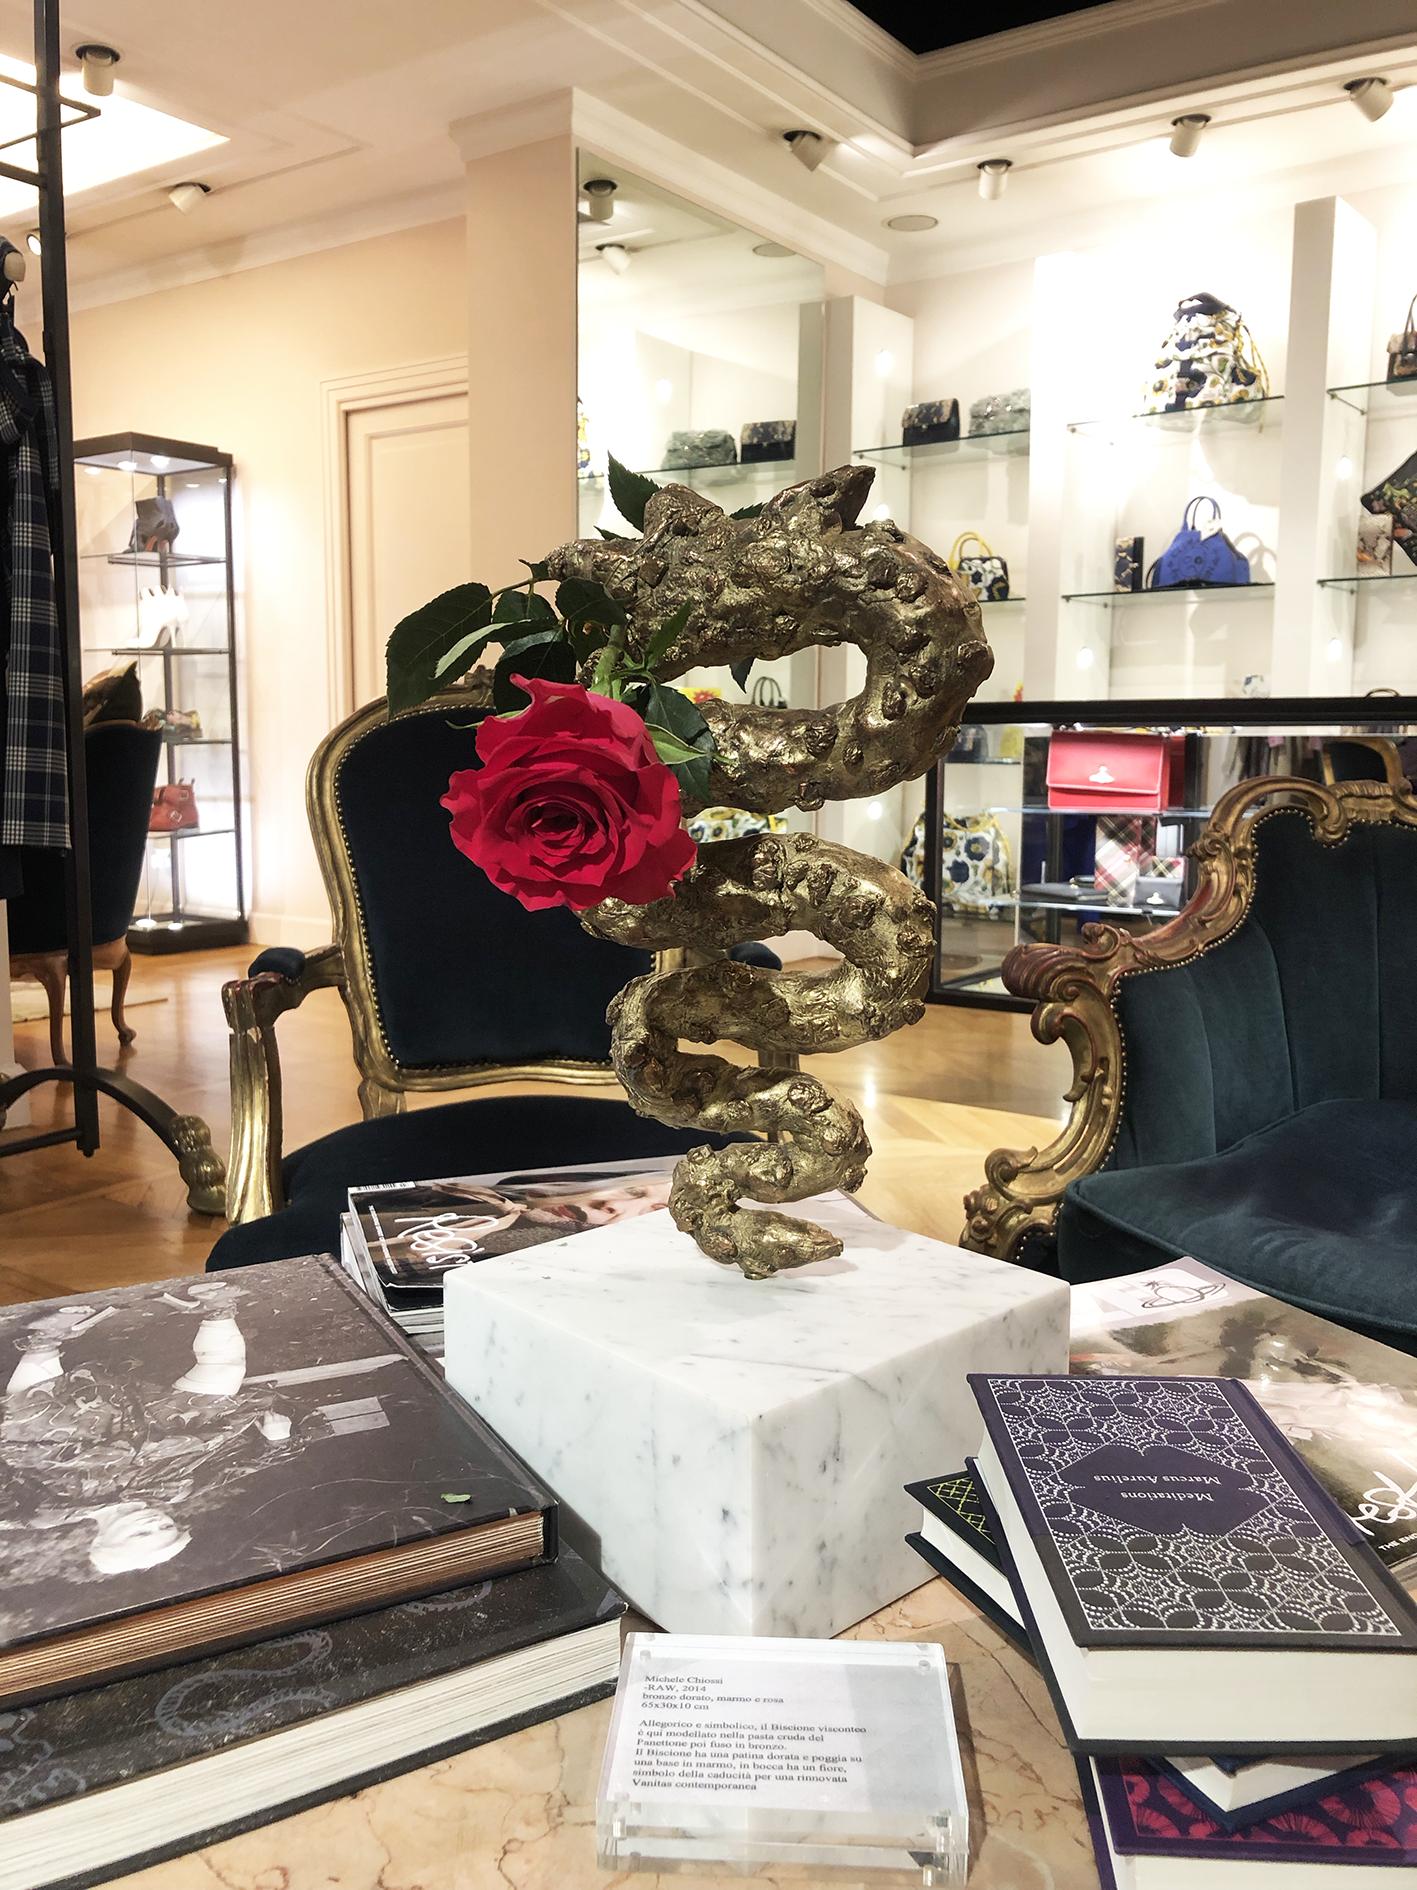 Michele Chiossi scultura RAW Panettone ARTYVISME boutique Vivienne Westwood Milano bronzo rosa vanitosa natura morta libri fashion moda